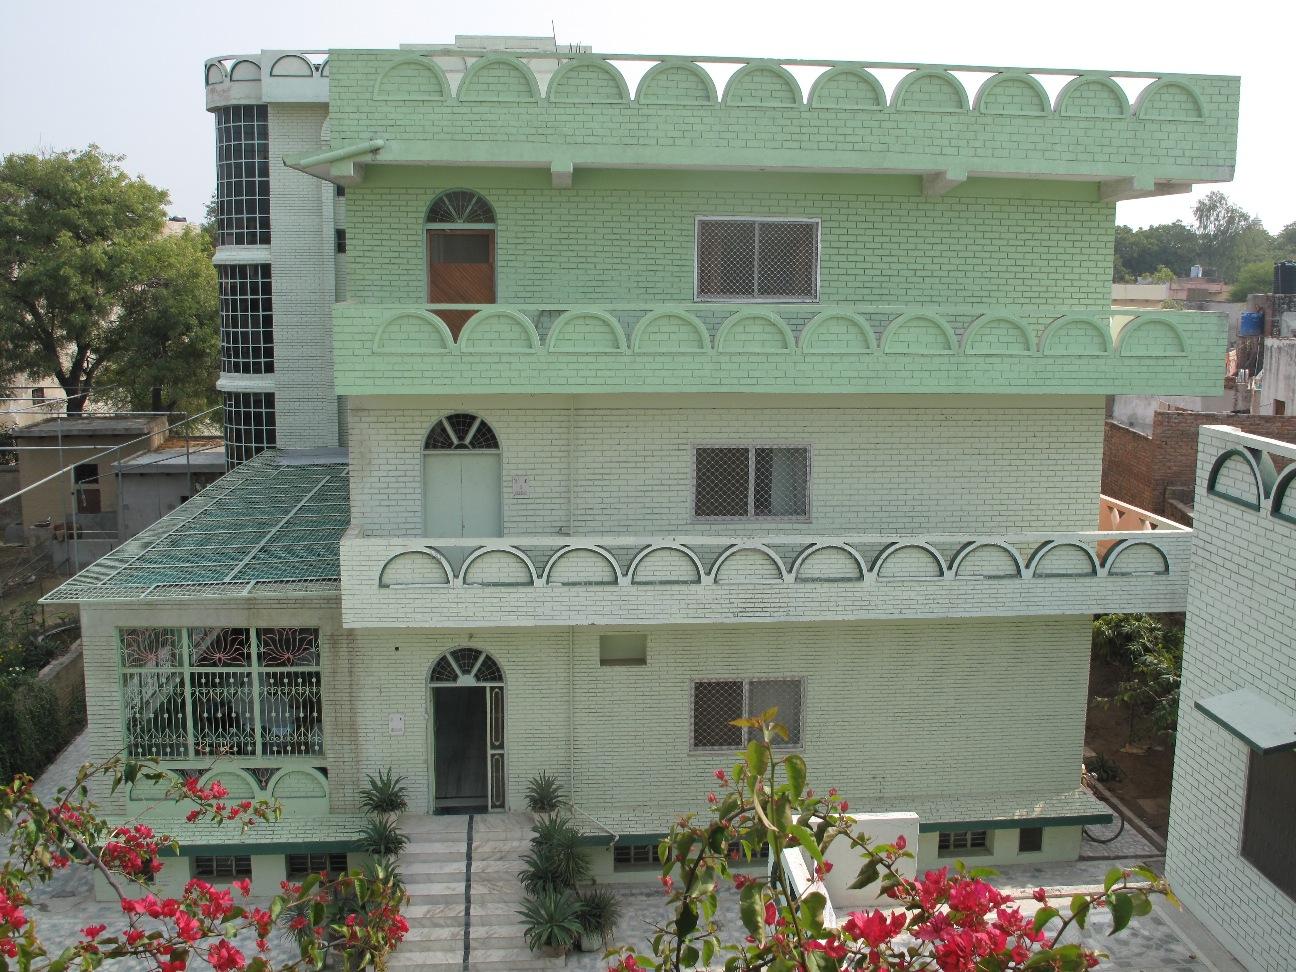 Jiva Institute for Vedic Studies